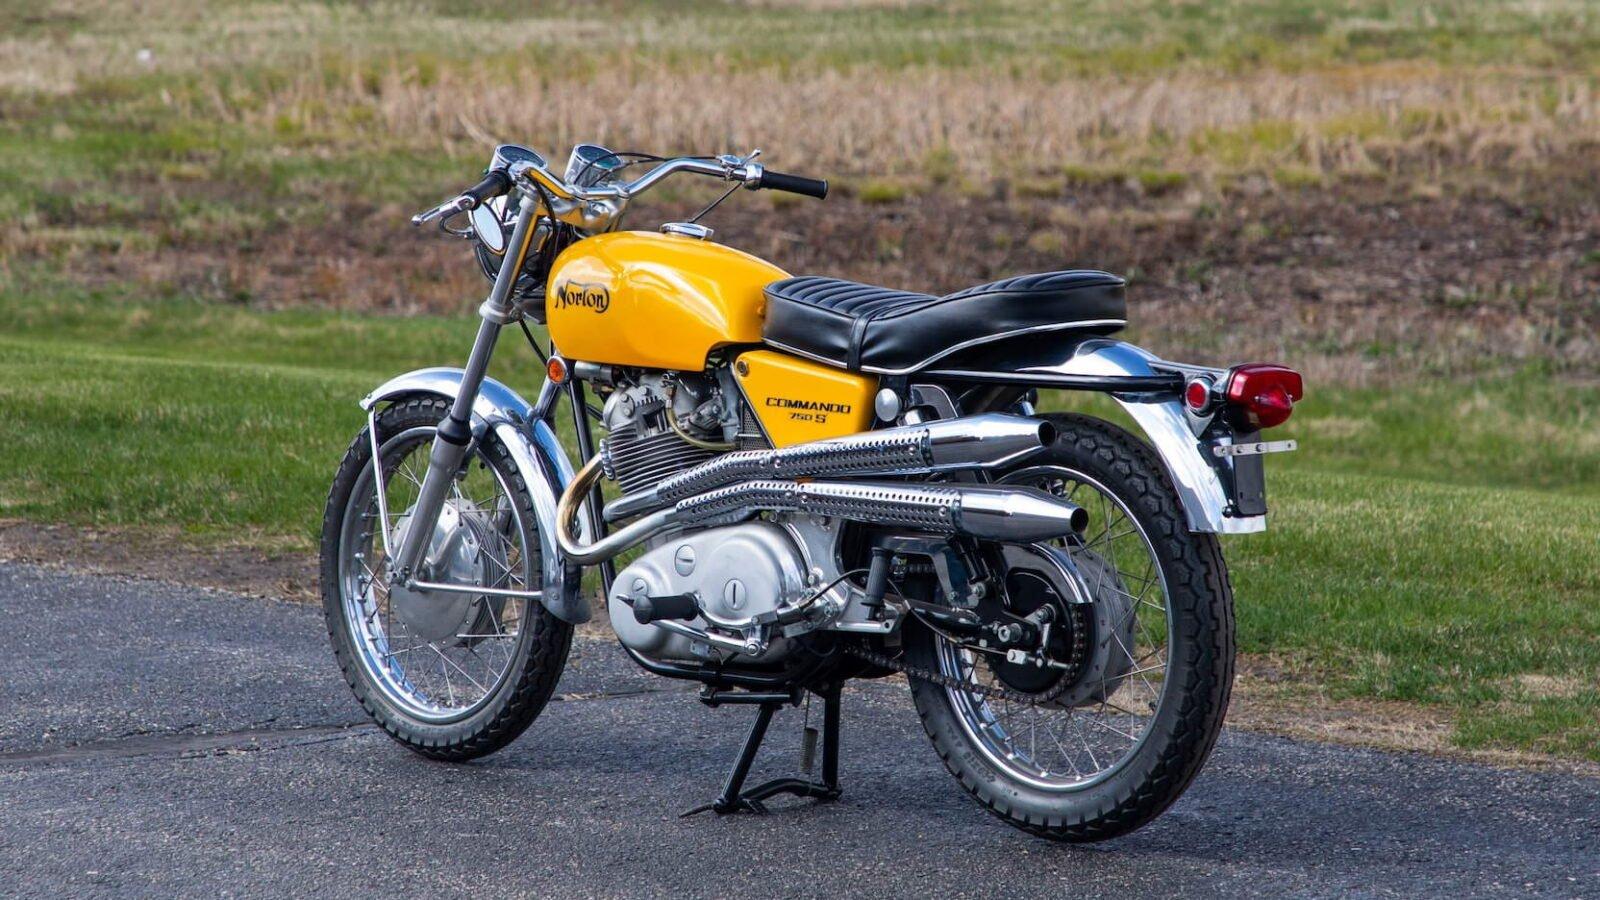 Norton Commando 750 S 9